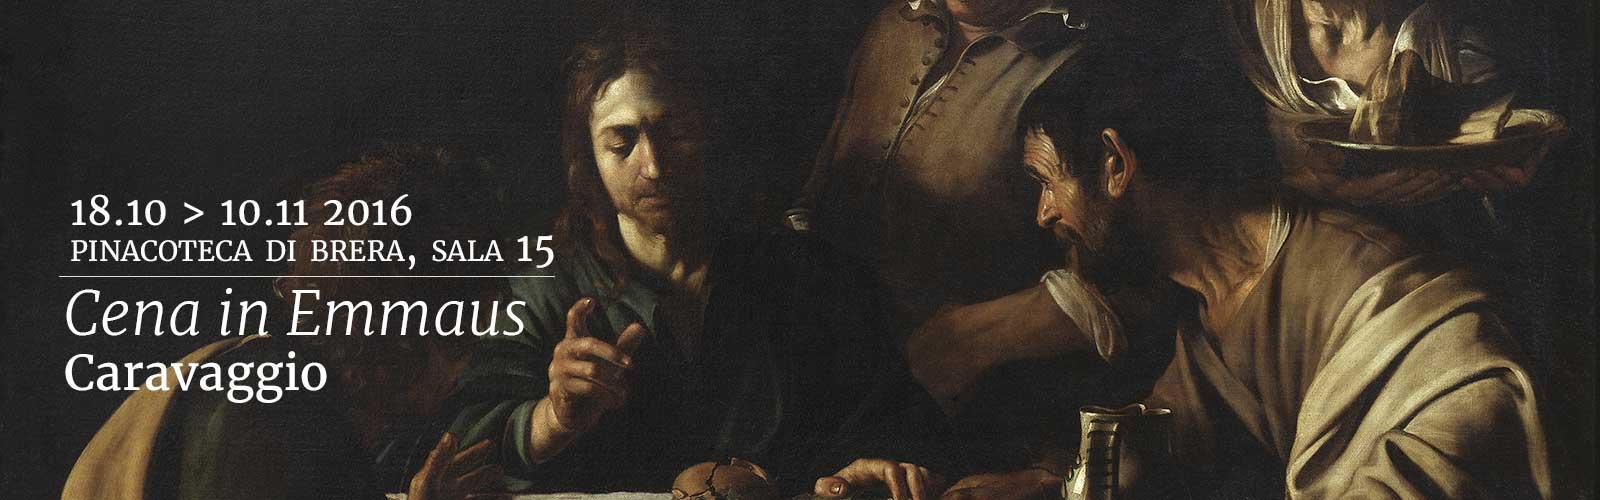 Il terzo riallestimento della Pinacoteca di Brera